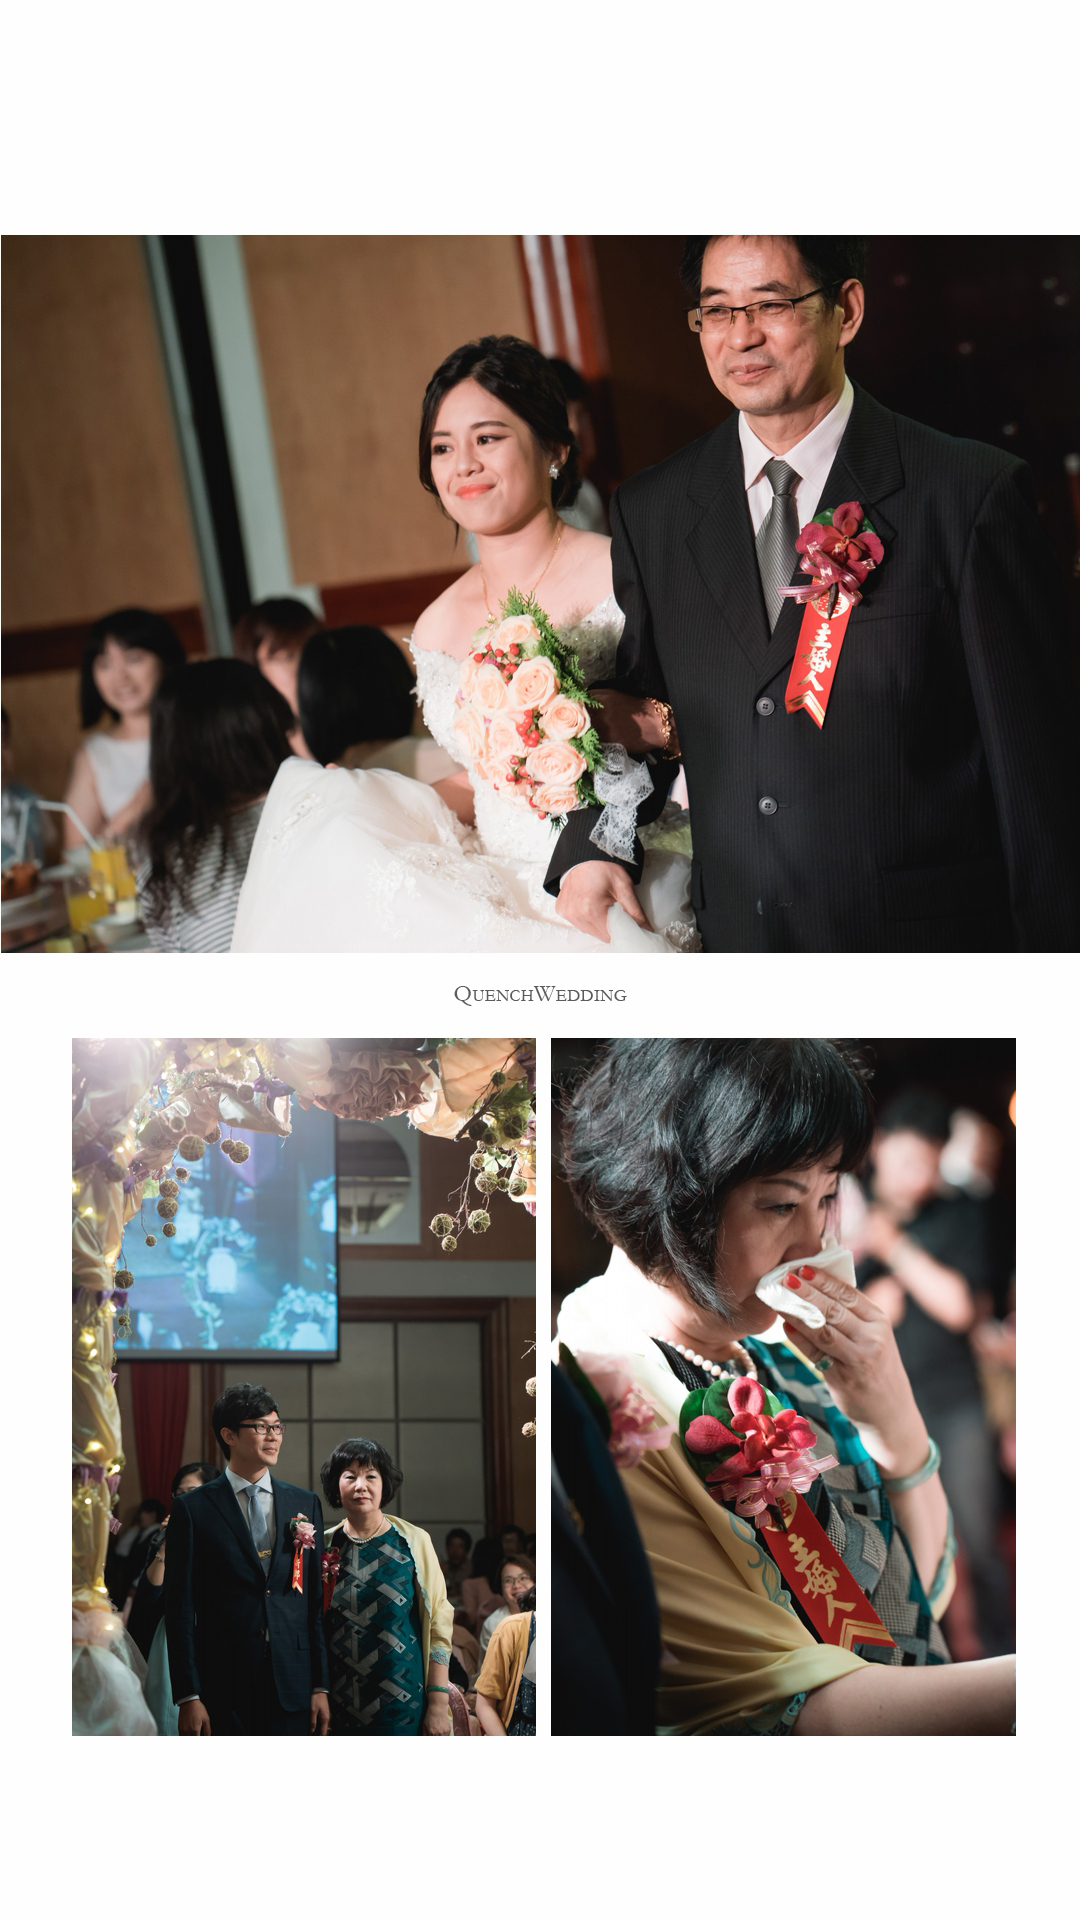 婚攝,婚攝推薦,婚攝 台南長榮飯店,婚禮,台南長榮飯店